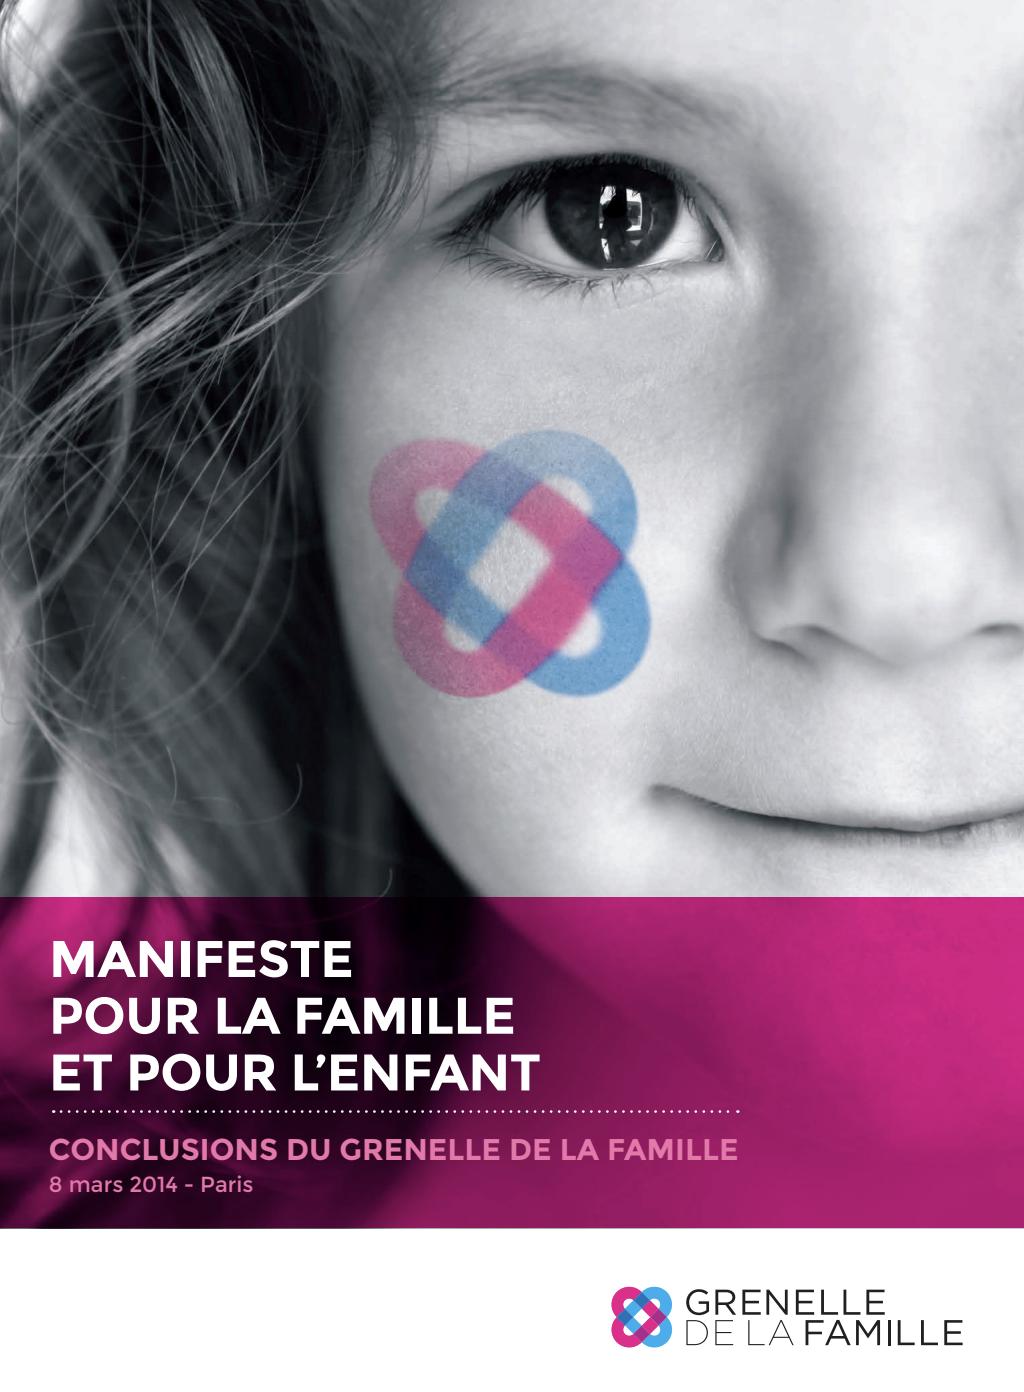 Couverture - Manifeste pour la famille et pour l'enfant